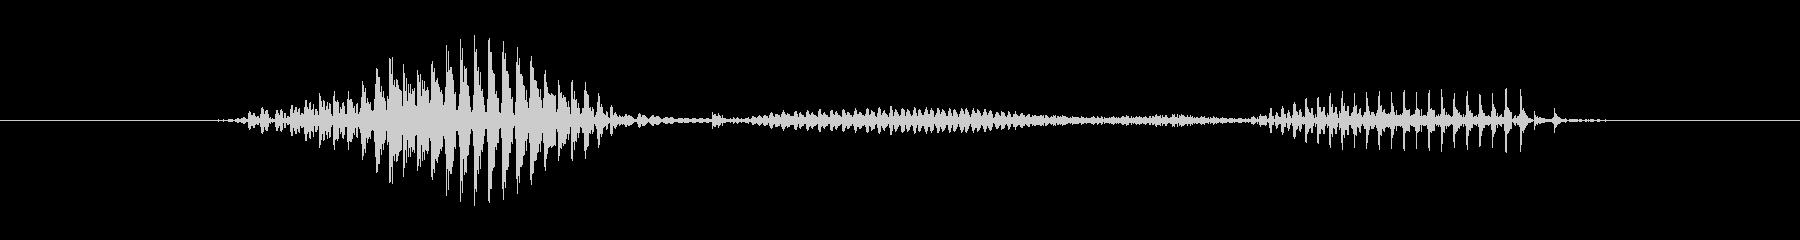 【星座】山羊座の未再生の波形